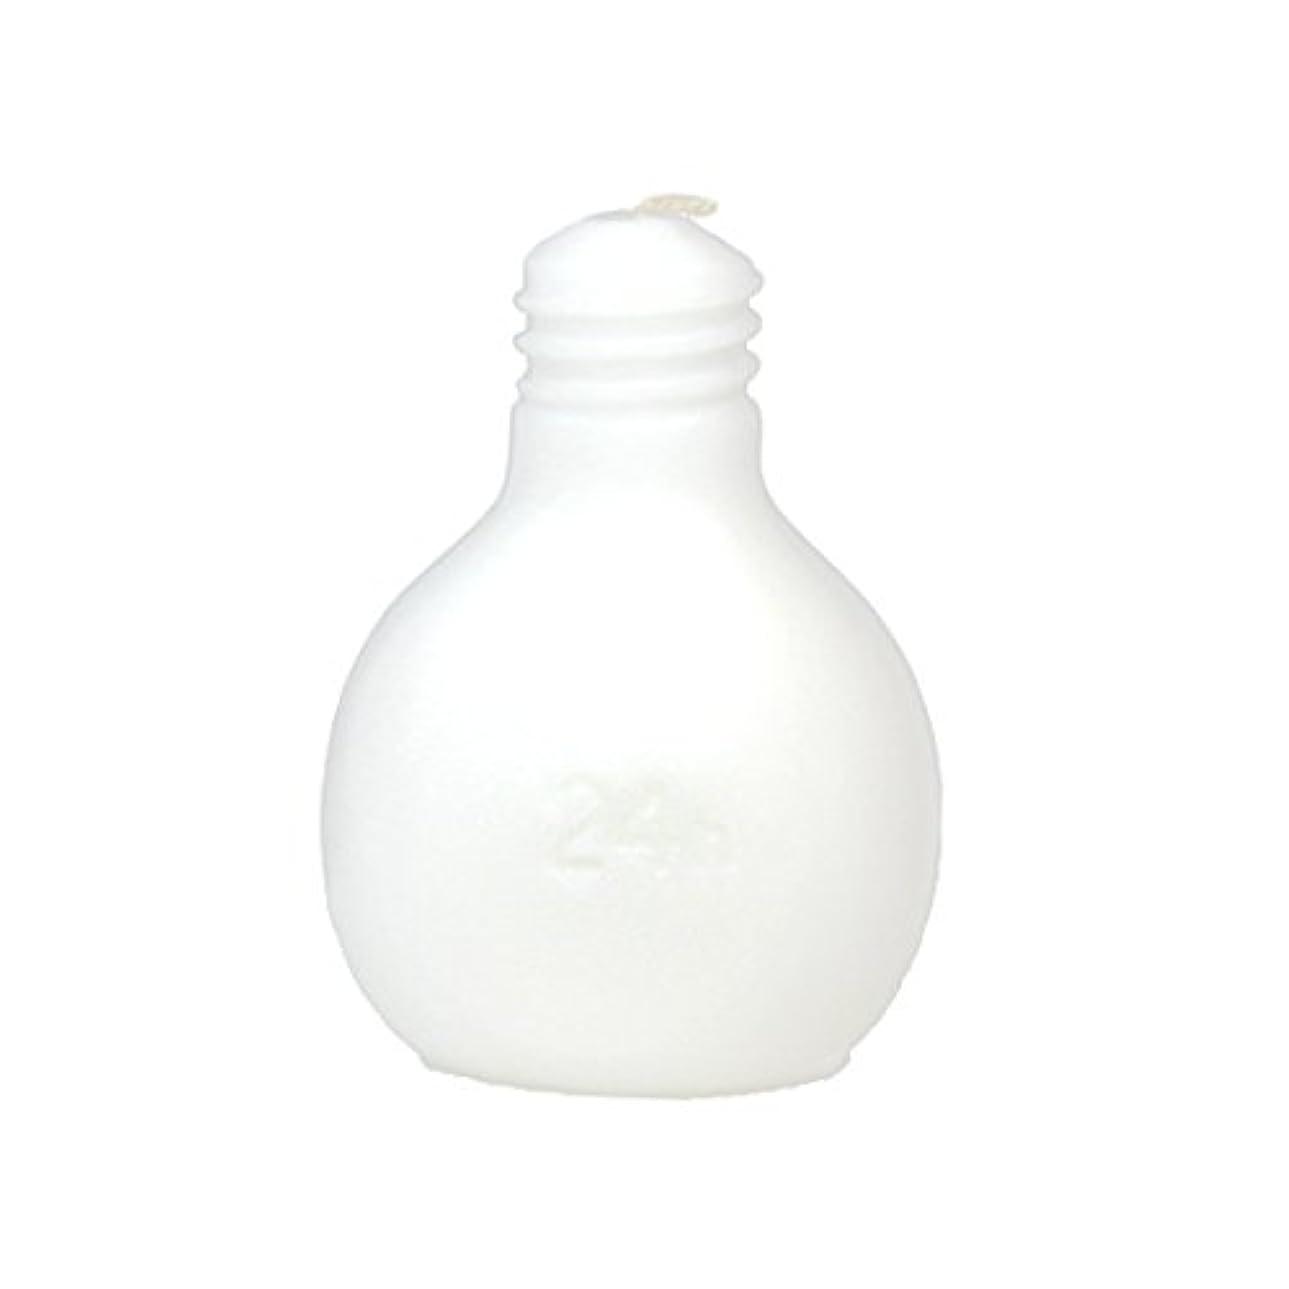 社交的材料有能なカメヤマキャンドルハウス 節電球キャンドル  ホワイト